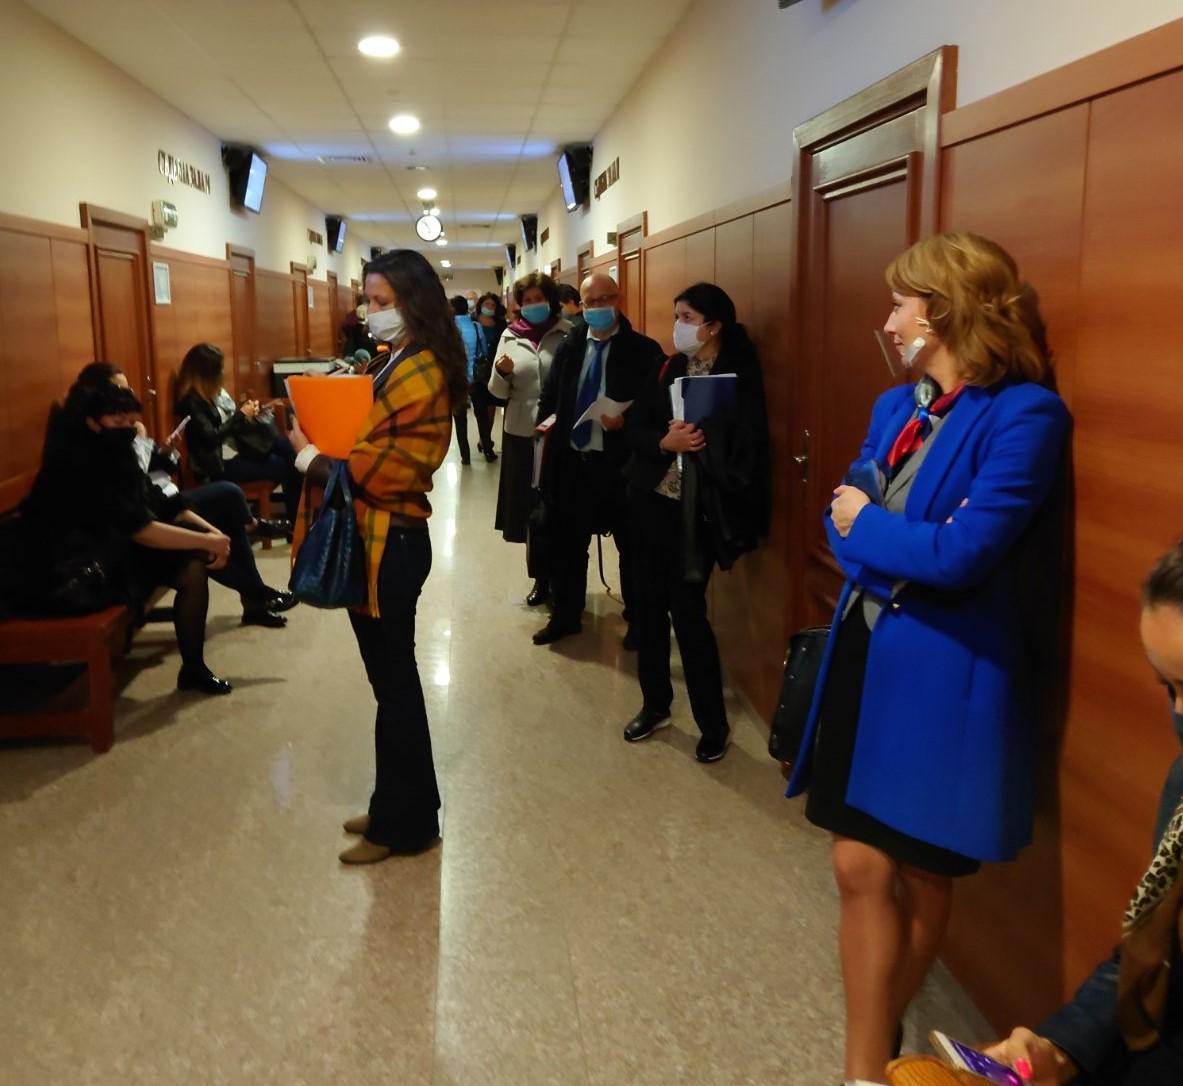 Адвокати: В СРС има струпване на хора, въпреки мерките срещу COVID-19. Шефът на съда разпореди проверка